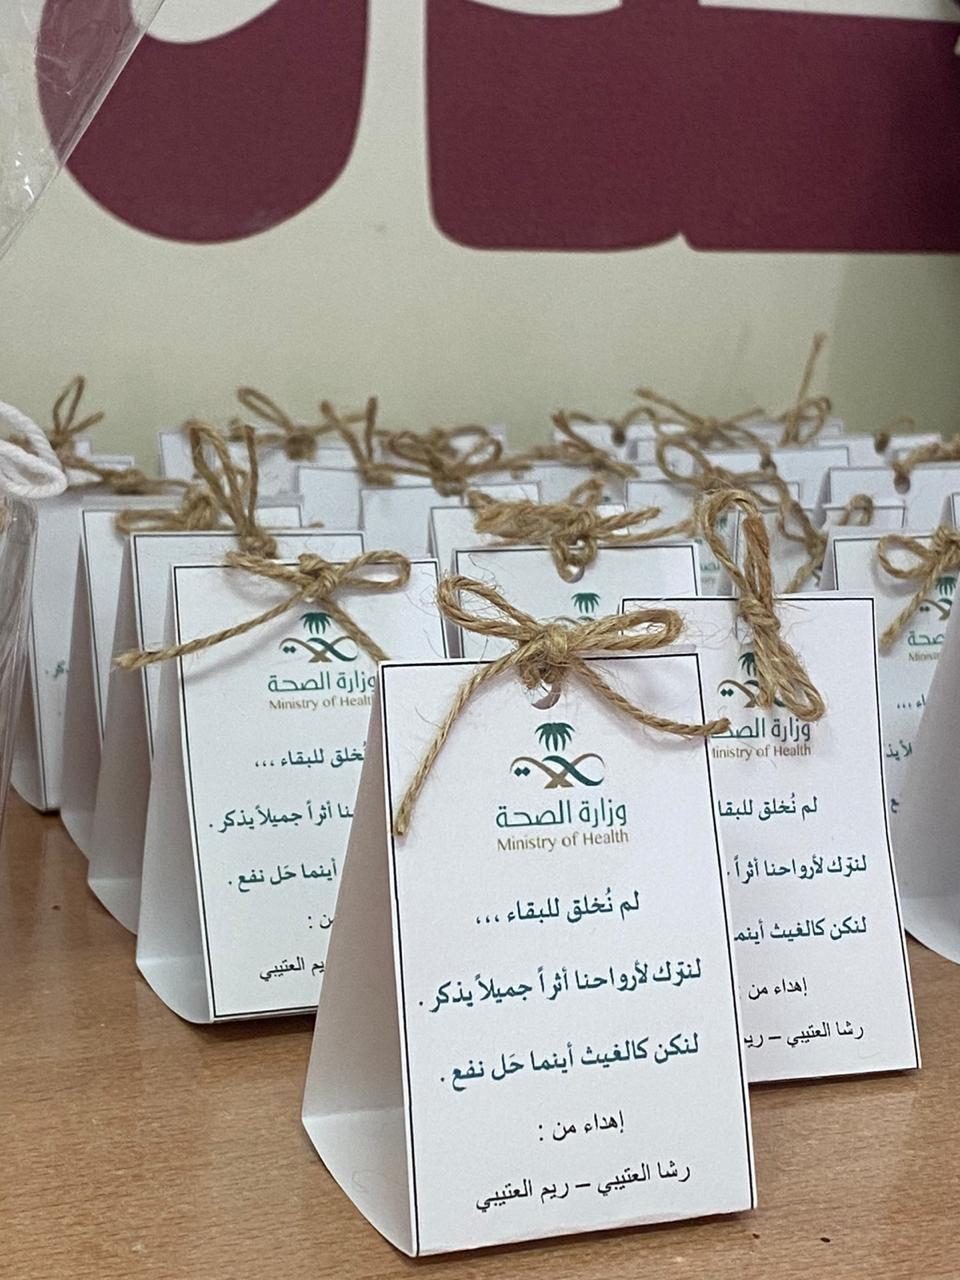 """في مبادرة تطوعية أبطال الصحة بعفيف ينظمون مبادرة """" لشتاء دافئ """""""